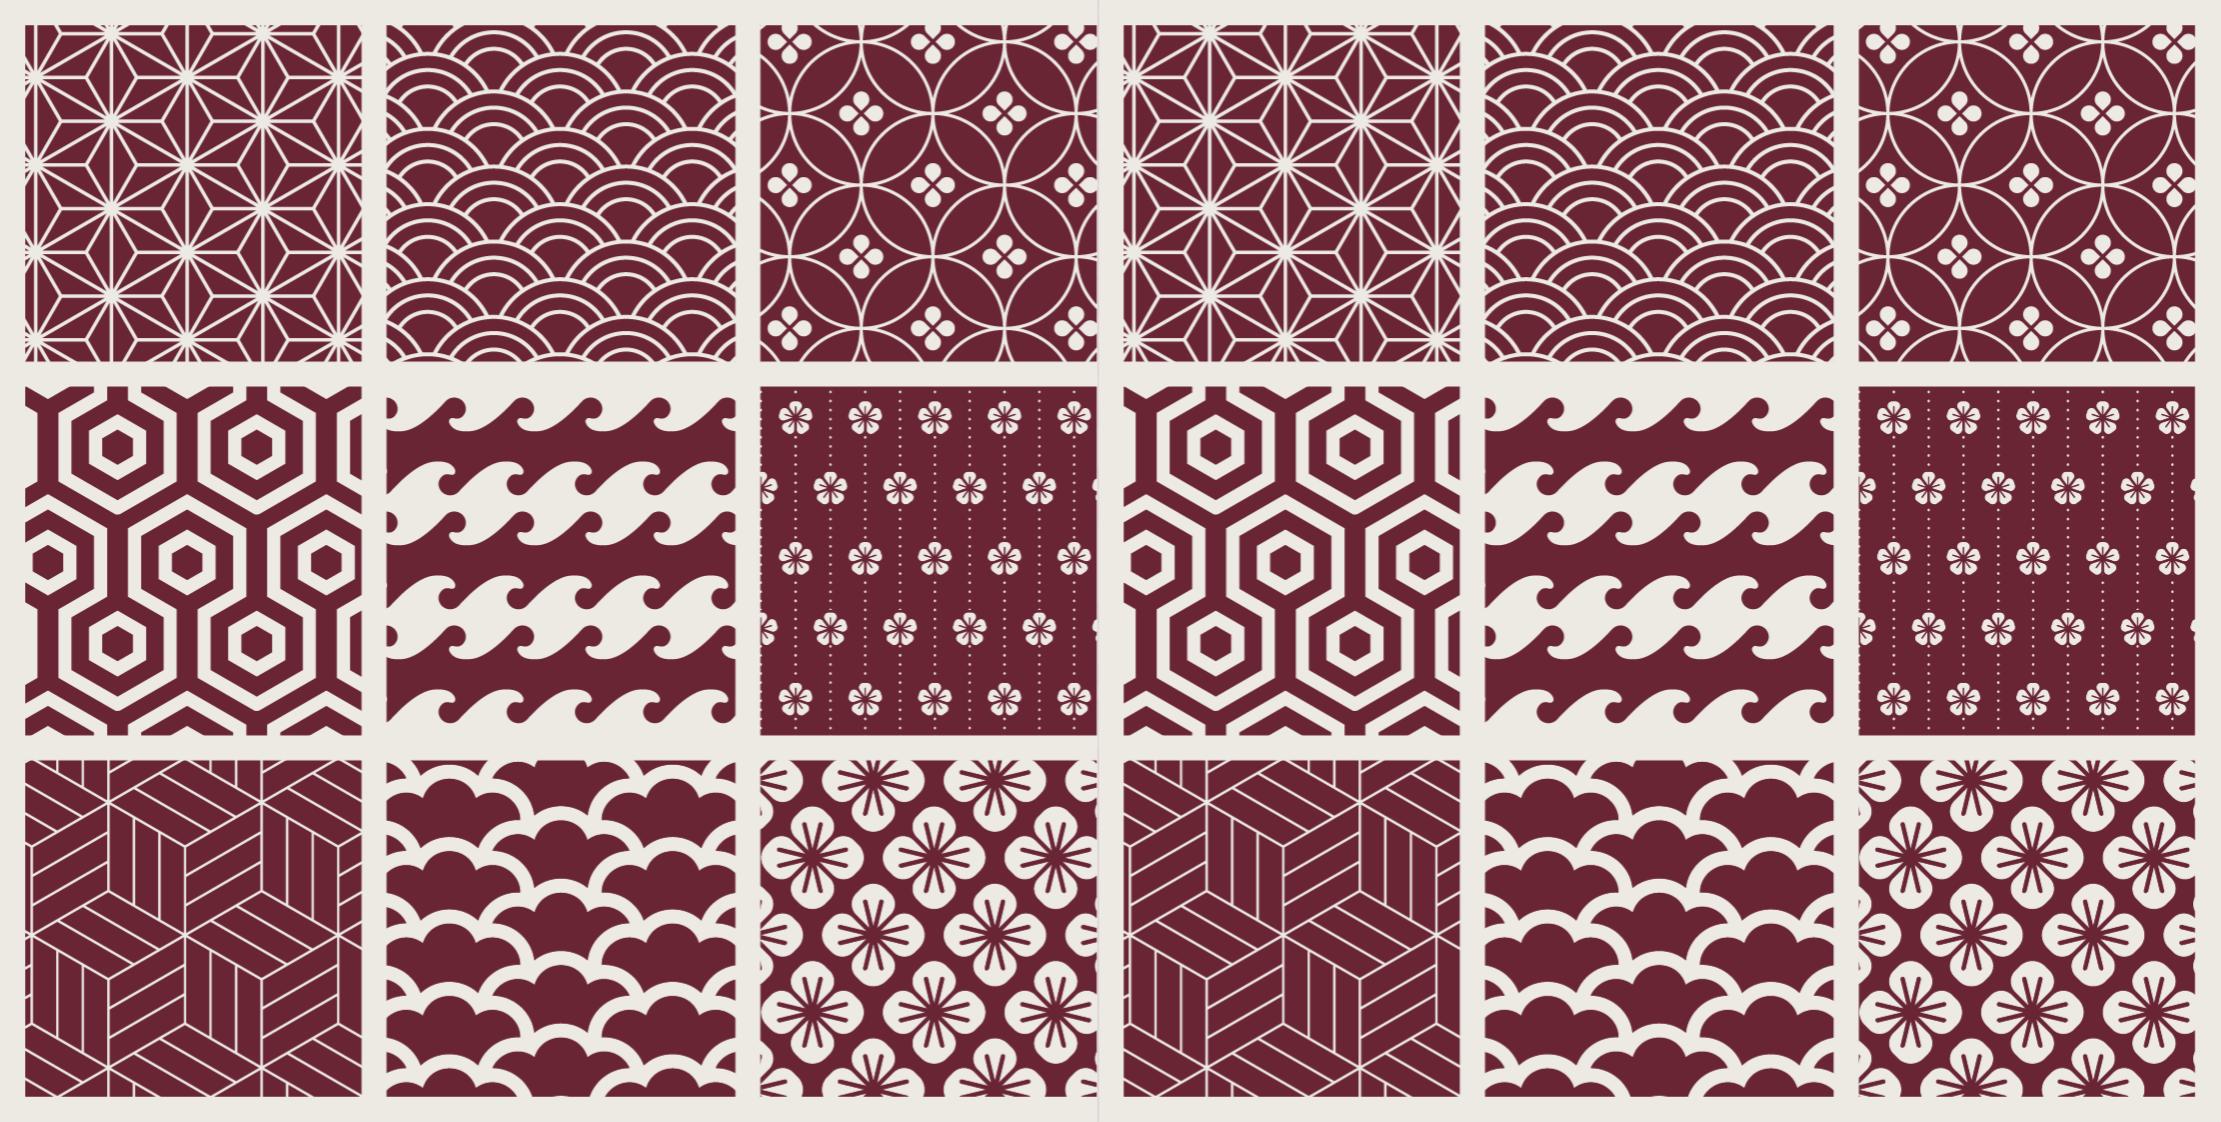 TenVinilo. Alfombras vinilo hidráulica texturas rojas. Una alfombra vinilo hidráulica con dibujos de azulejos rojo para decorar tu cocina, baño o el lugar que desees ¡Descuentos disponibles!